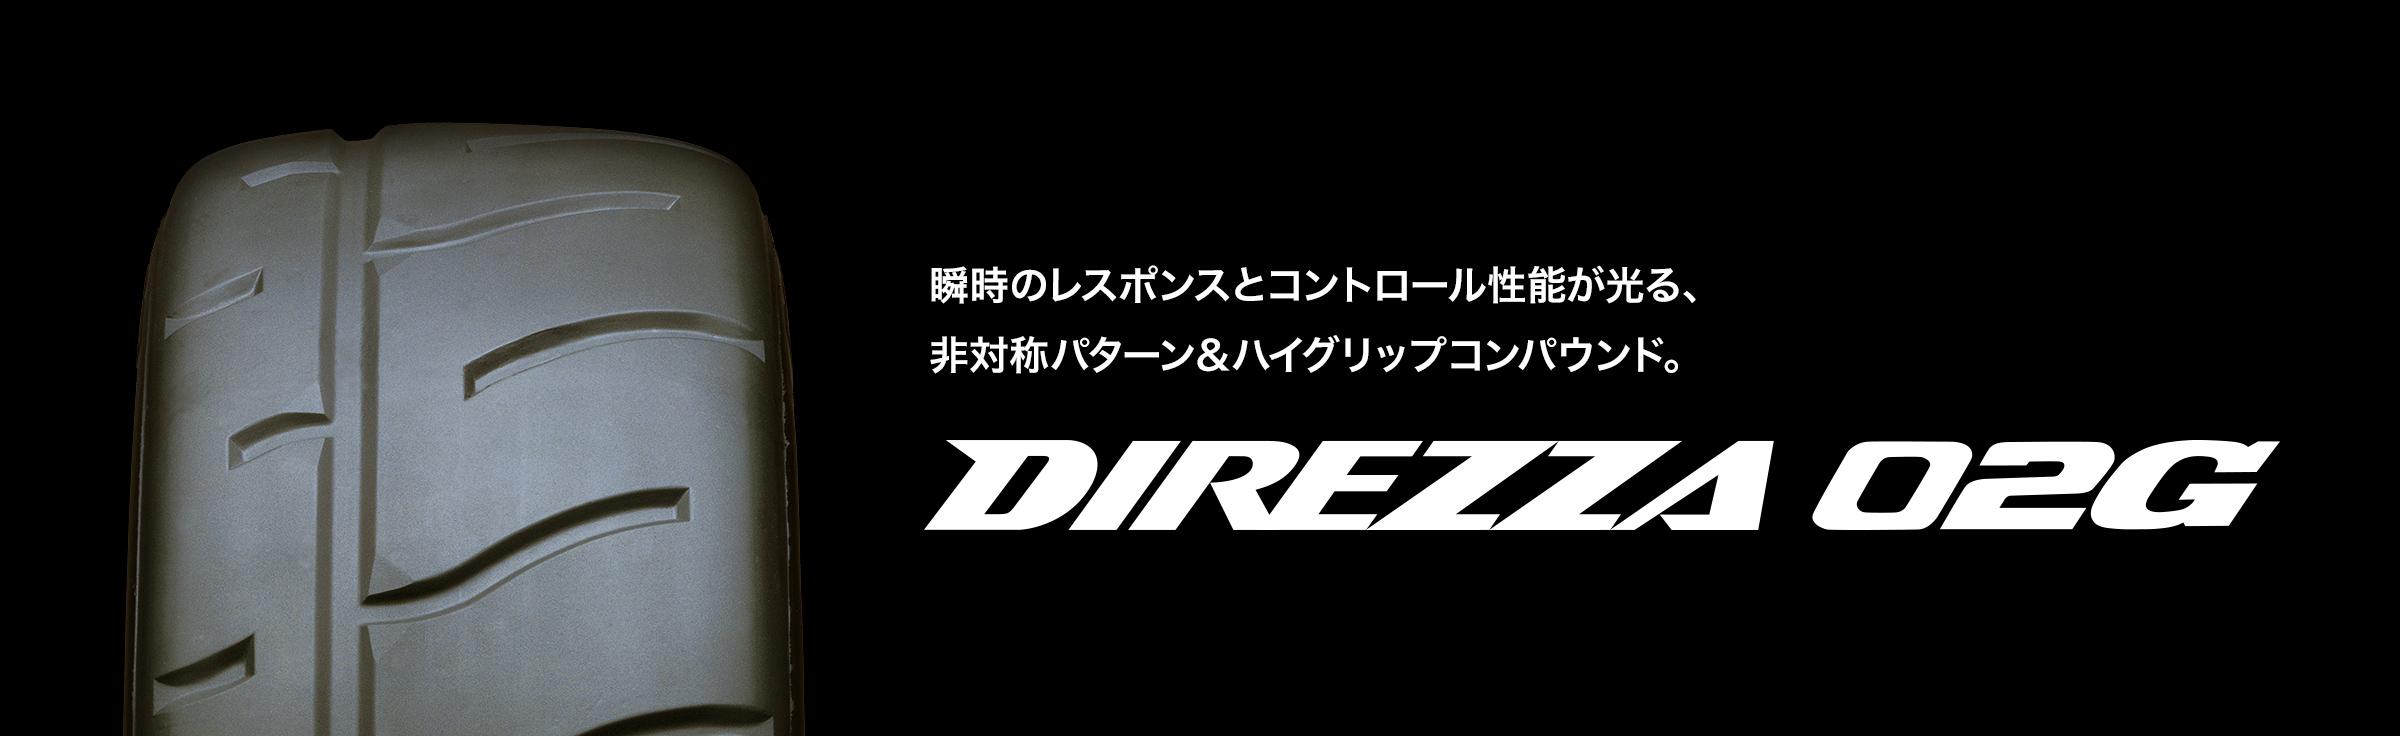 DIREZZA 02G